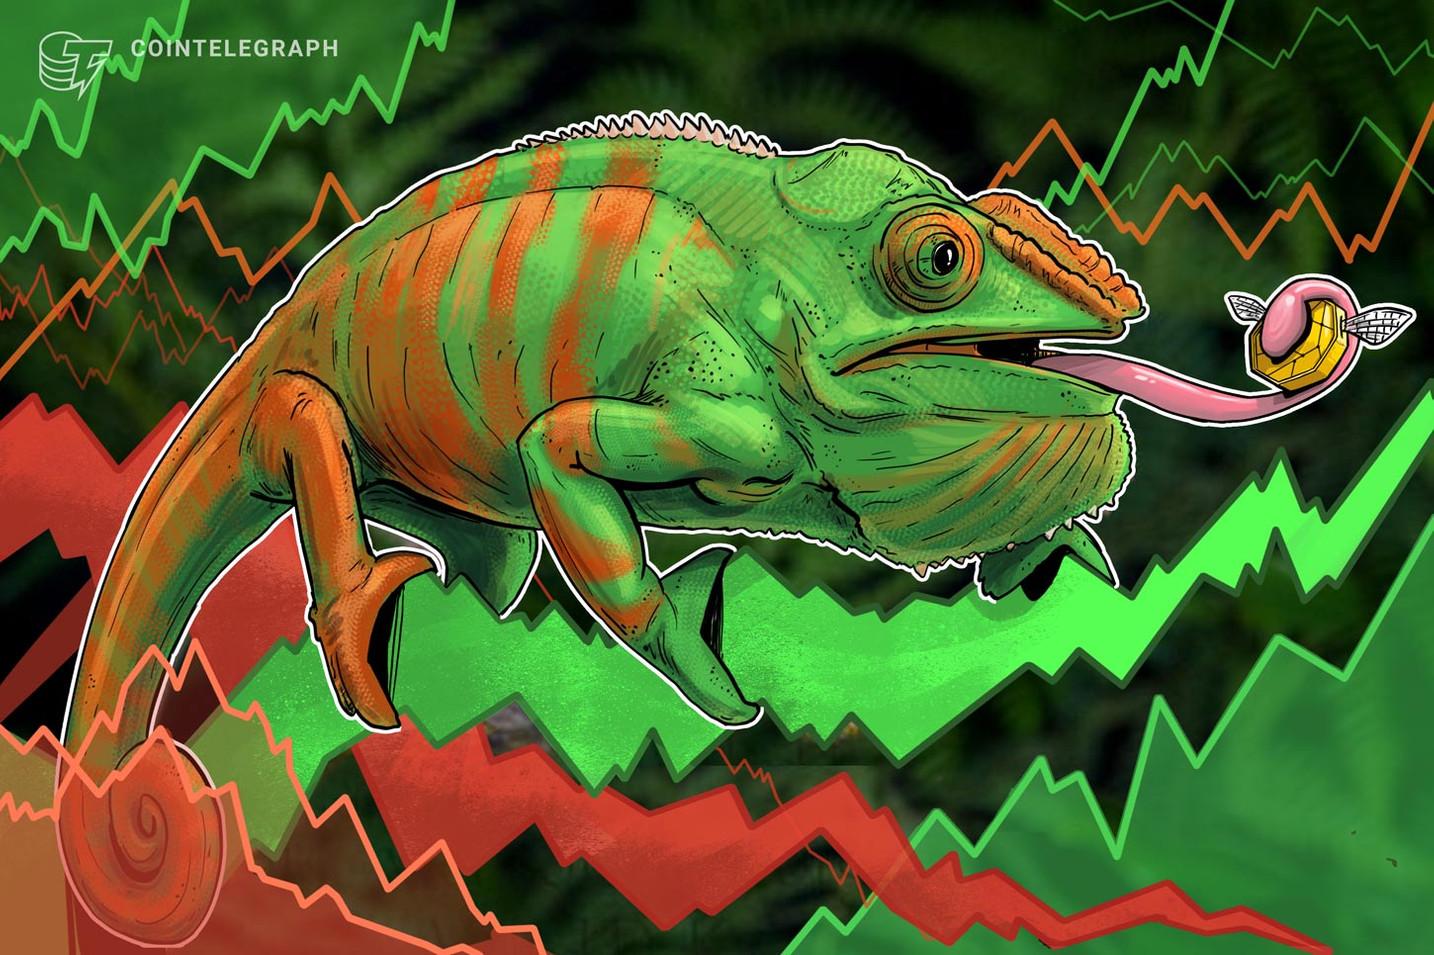 Kripto tržišta ponovo u usponu, bitkoin blizu 8.000 dolara